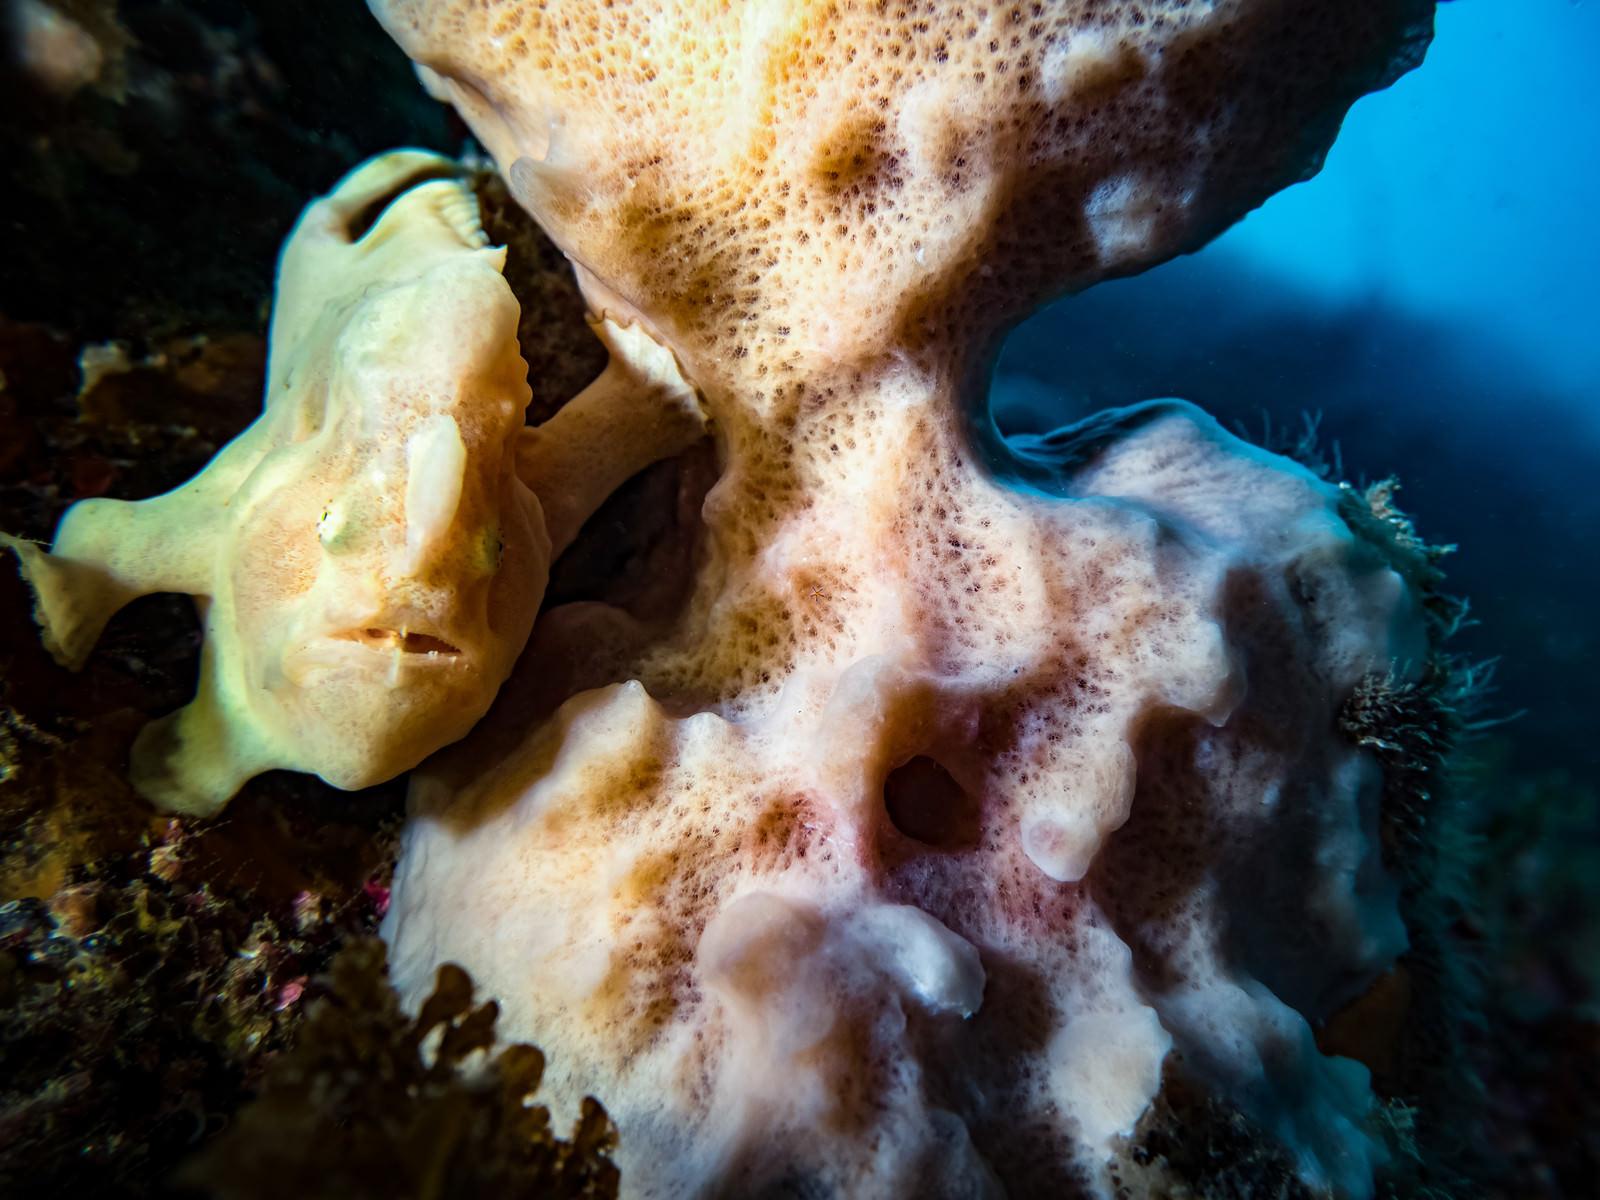 「珊瑚の陰に隠れるイロカエルアンコウ」の写真